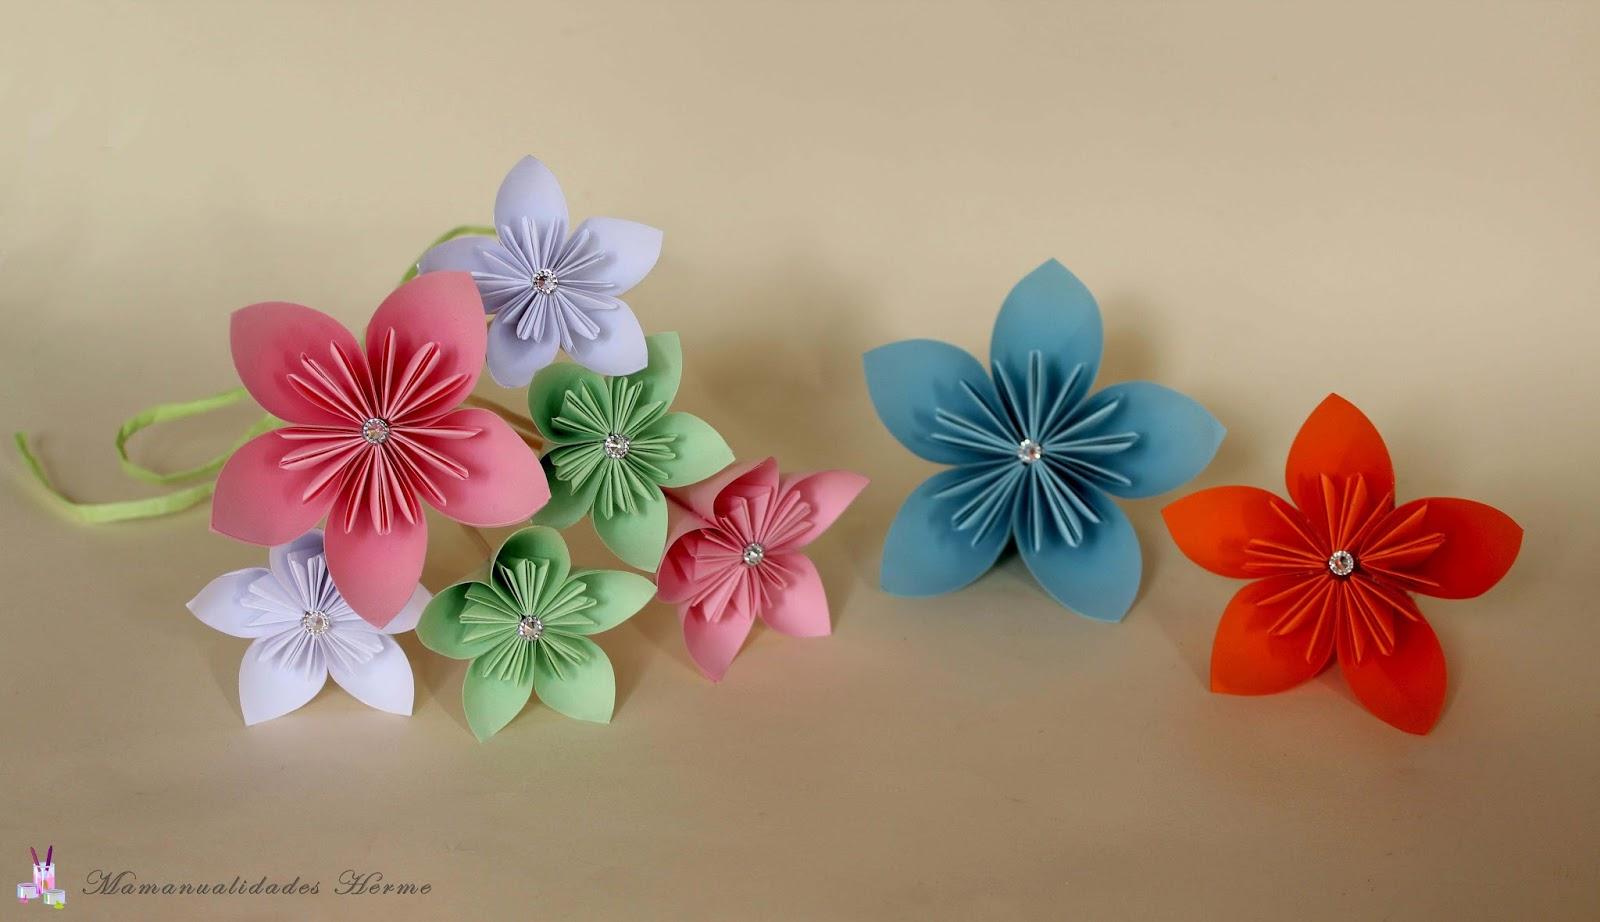 Manualidades herme como hacer flores kusudama - Www como hacer flores com ...